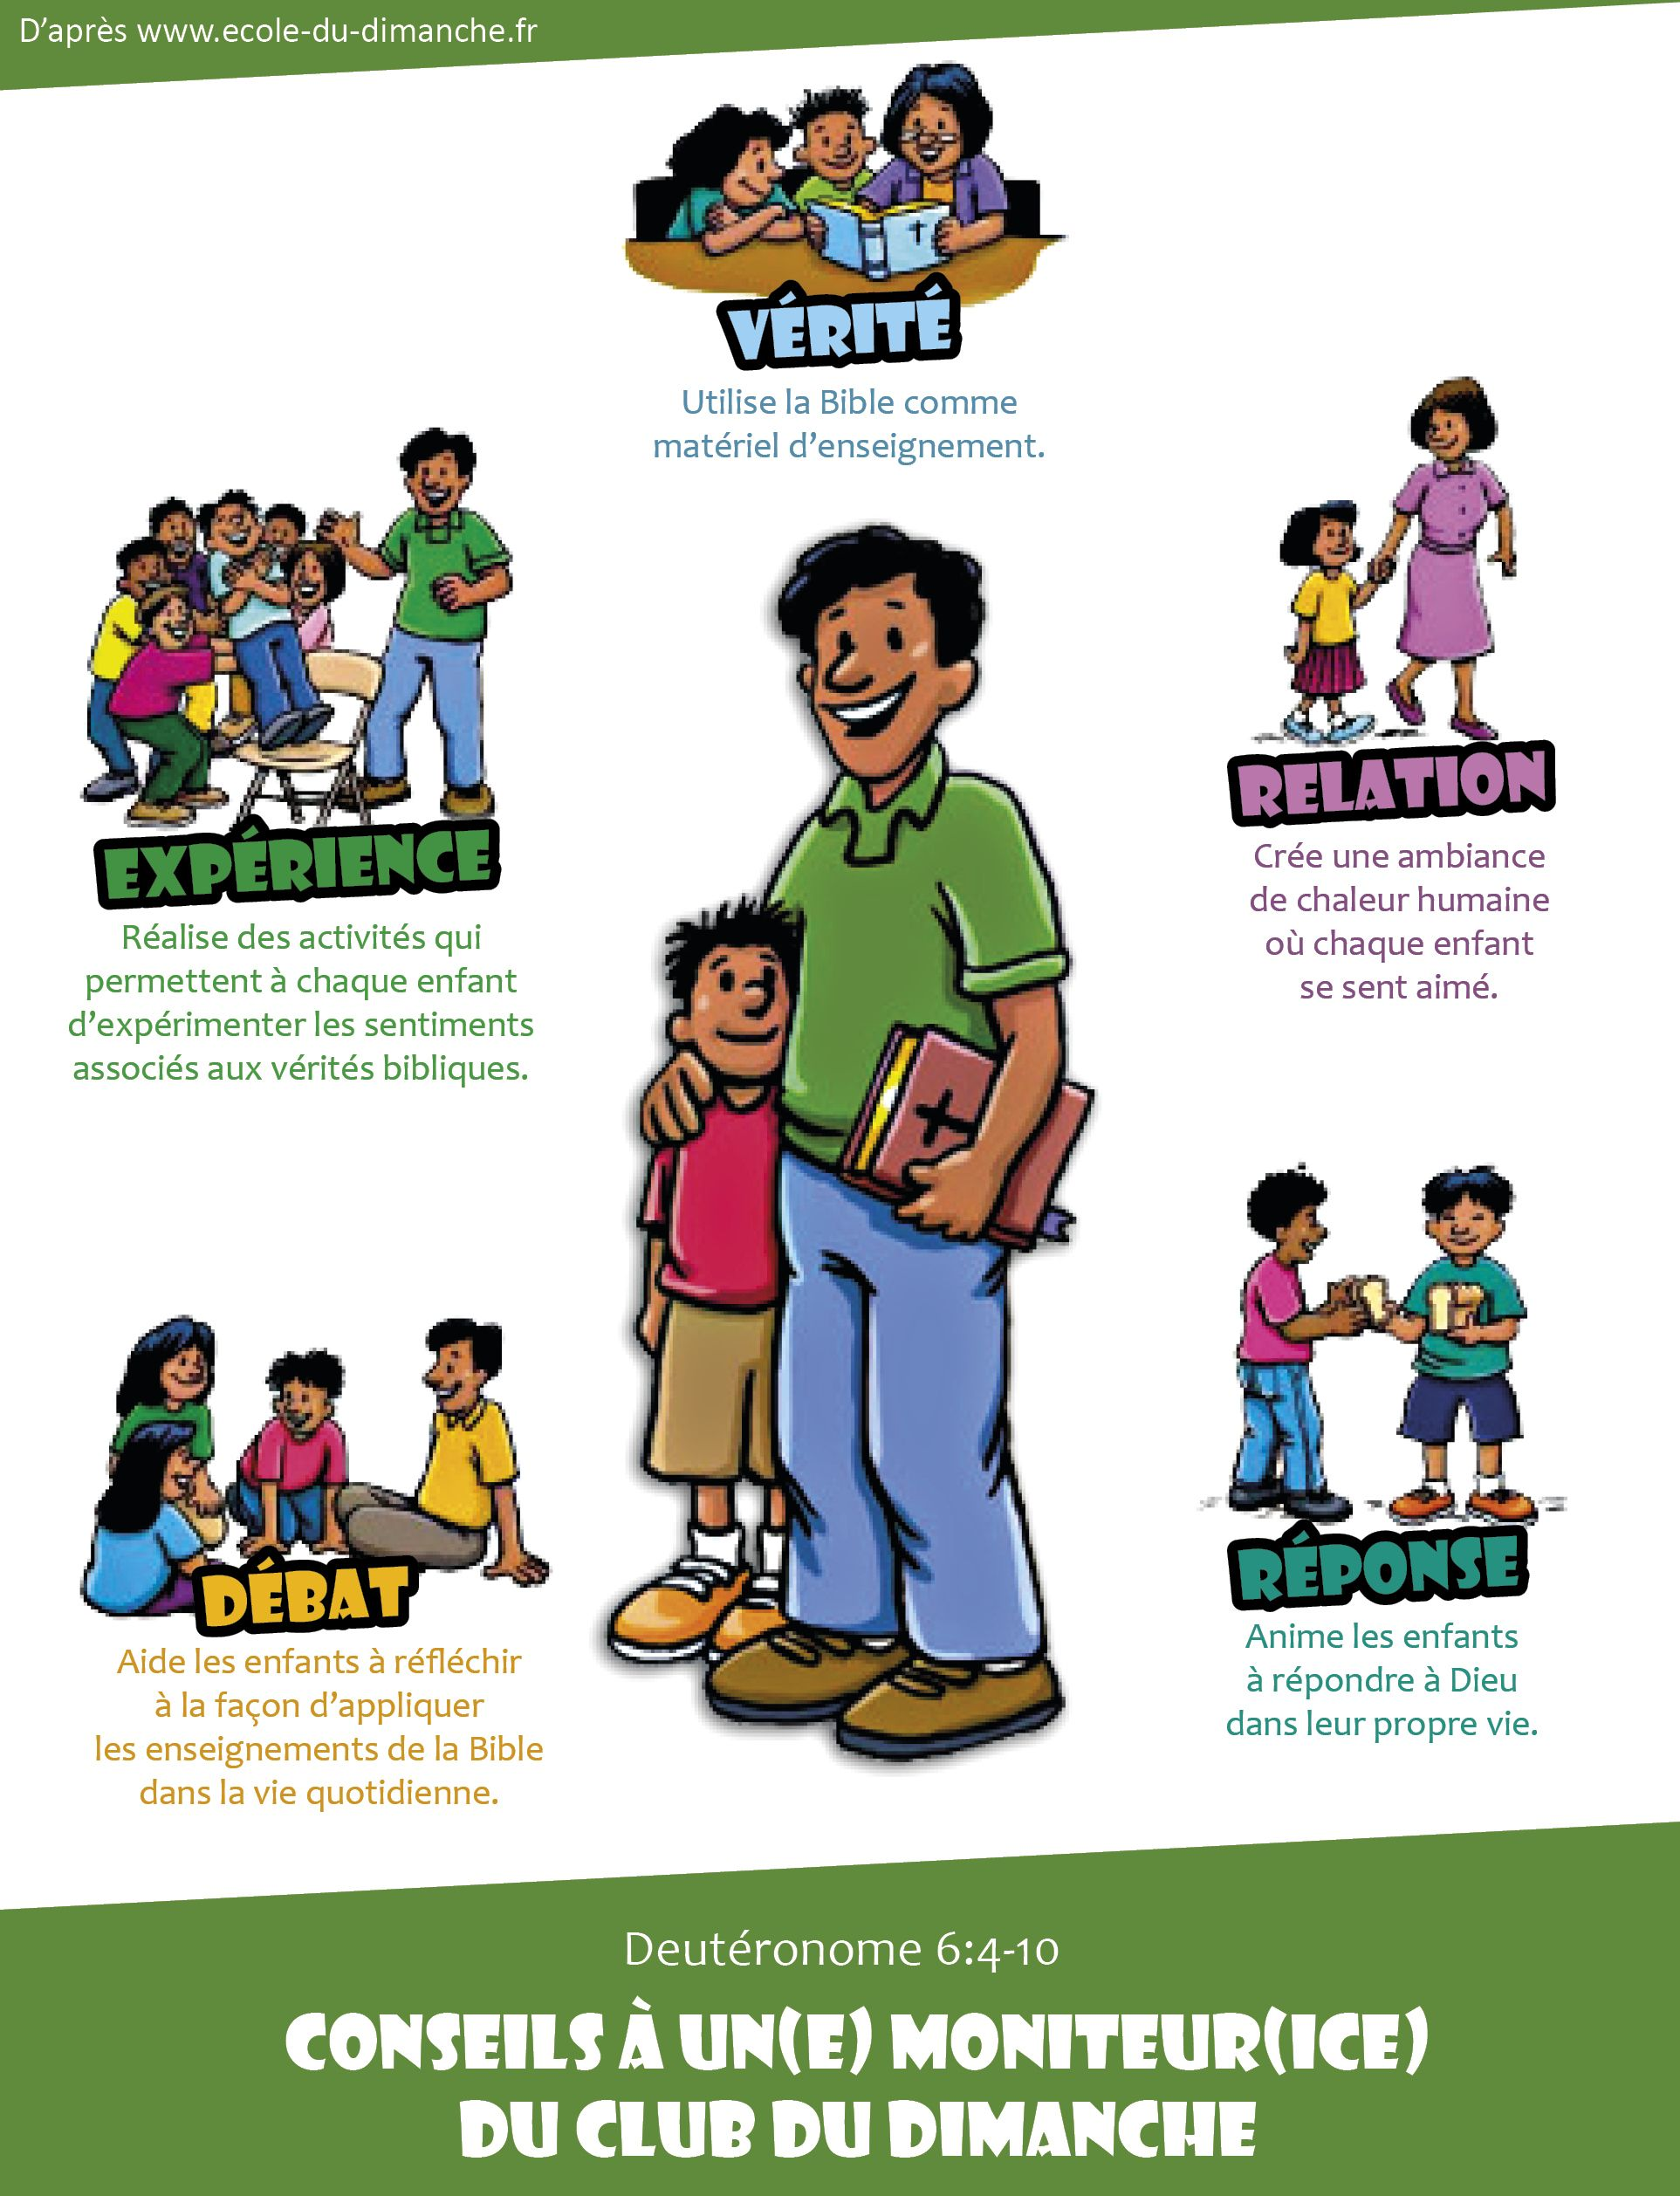 Conseils Aux Moniteurs Et Monitrices Des Ecoles Et Clubs Du Dimanche Affiche Remise Au Gout Du Jour Par Mes S Ecole Du Dimanche Biblique Enseignement Biblique